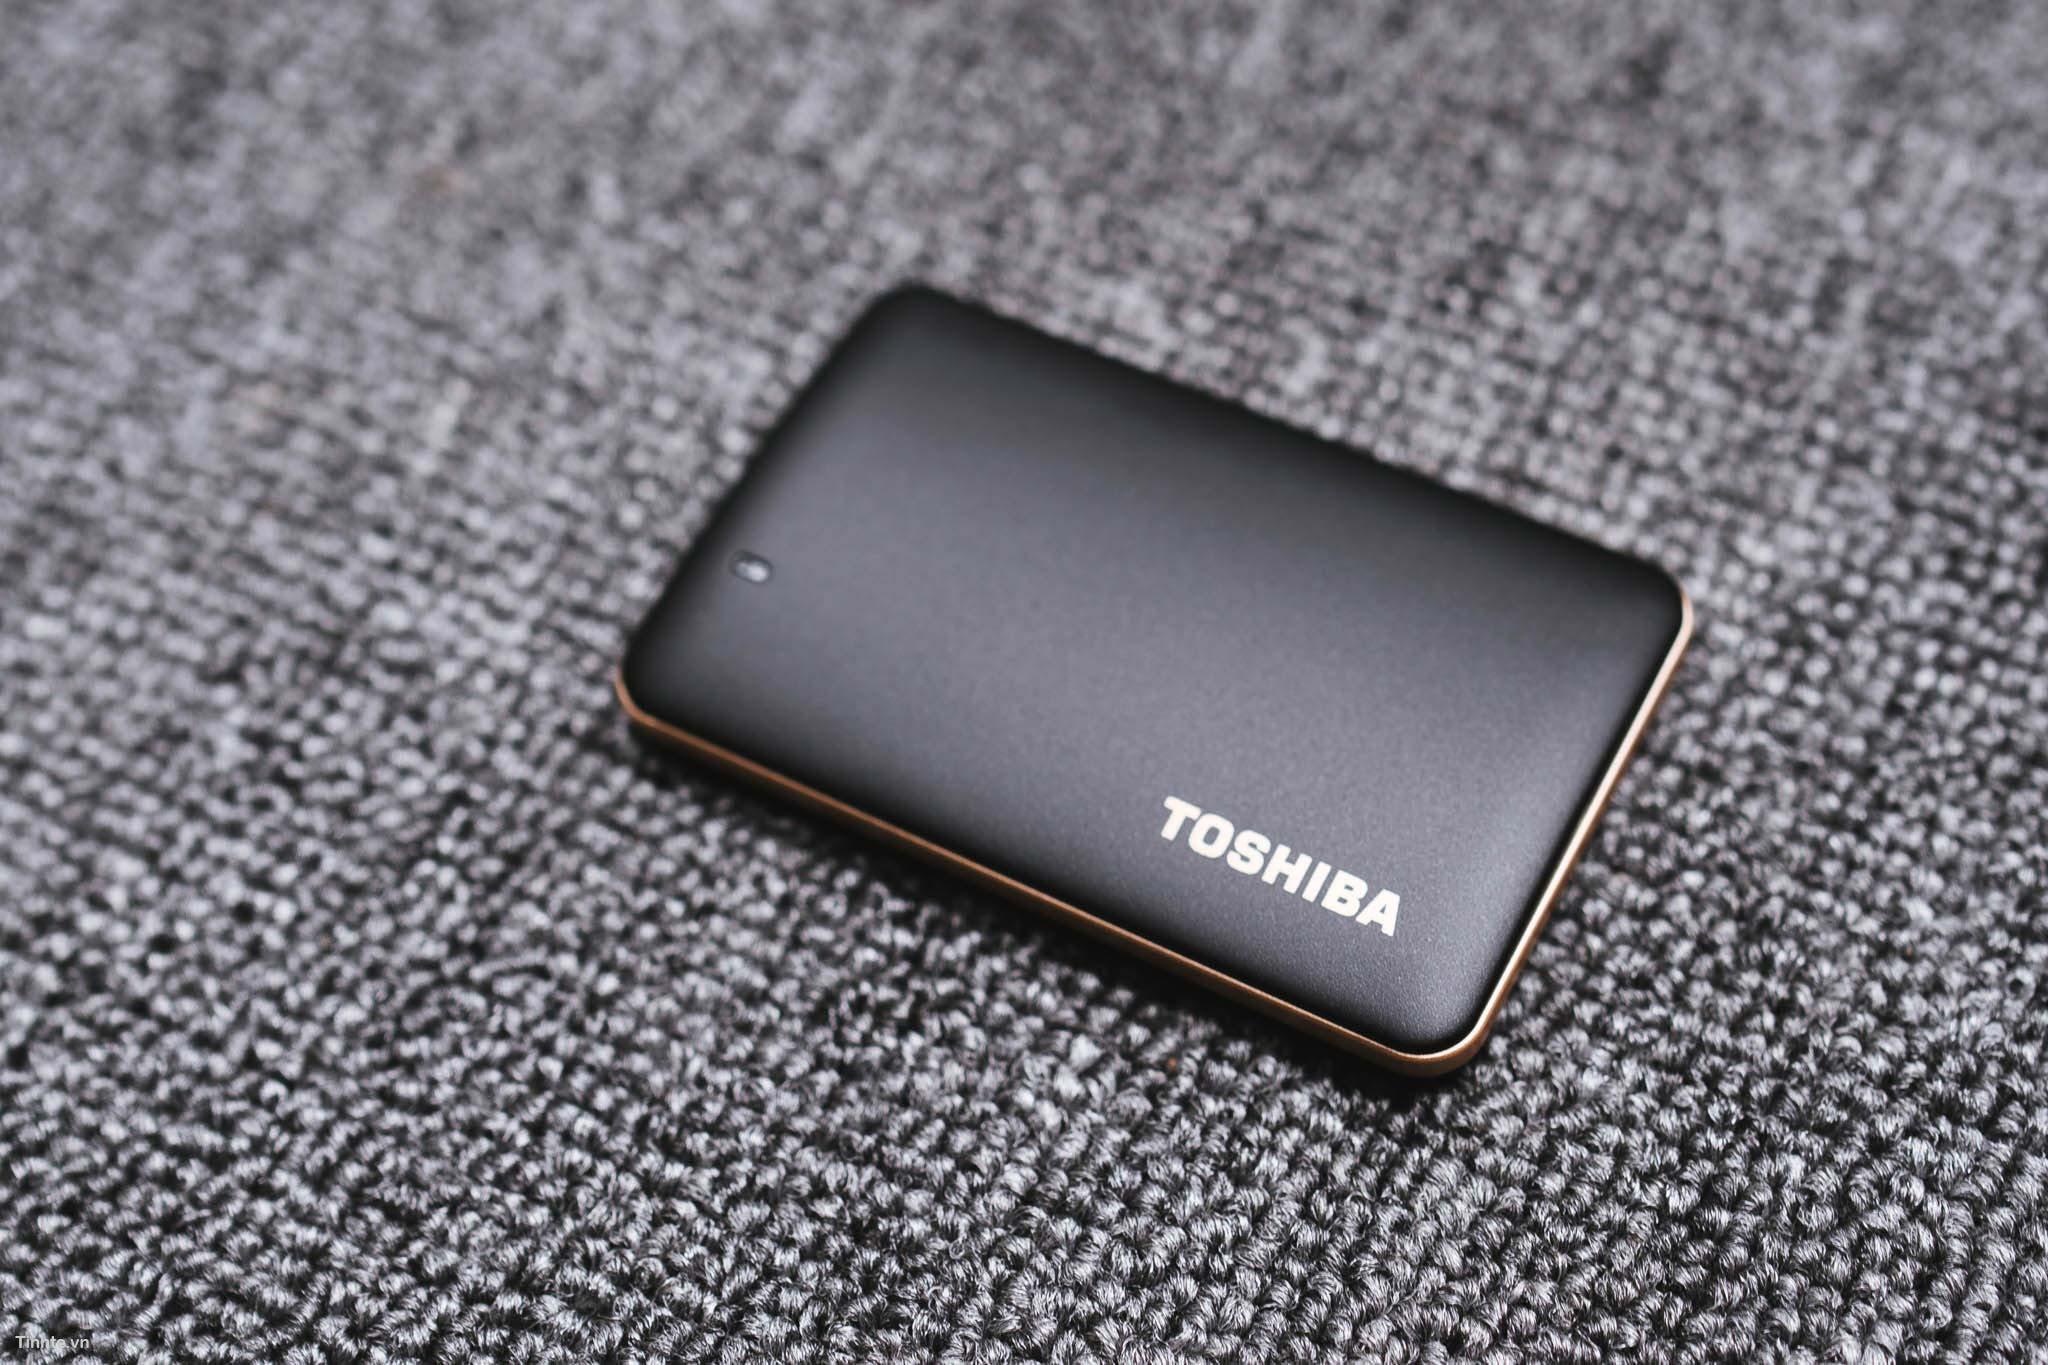 Toshiba_X10-6.jpg